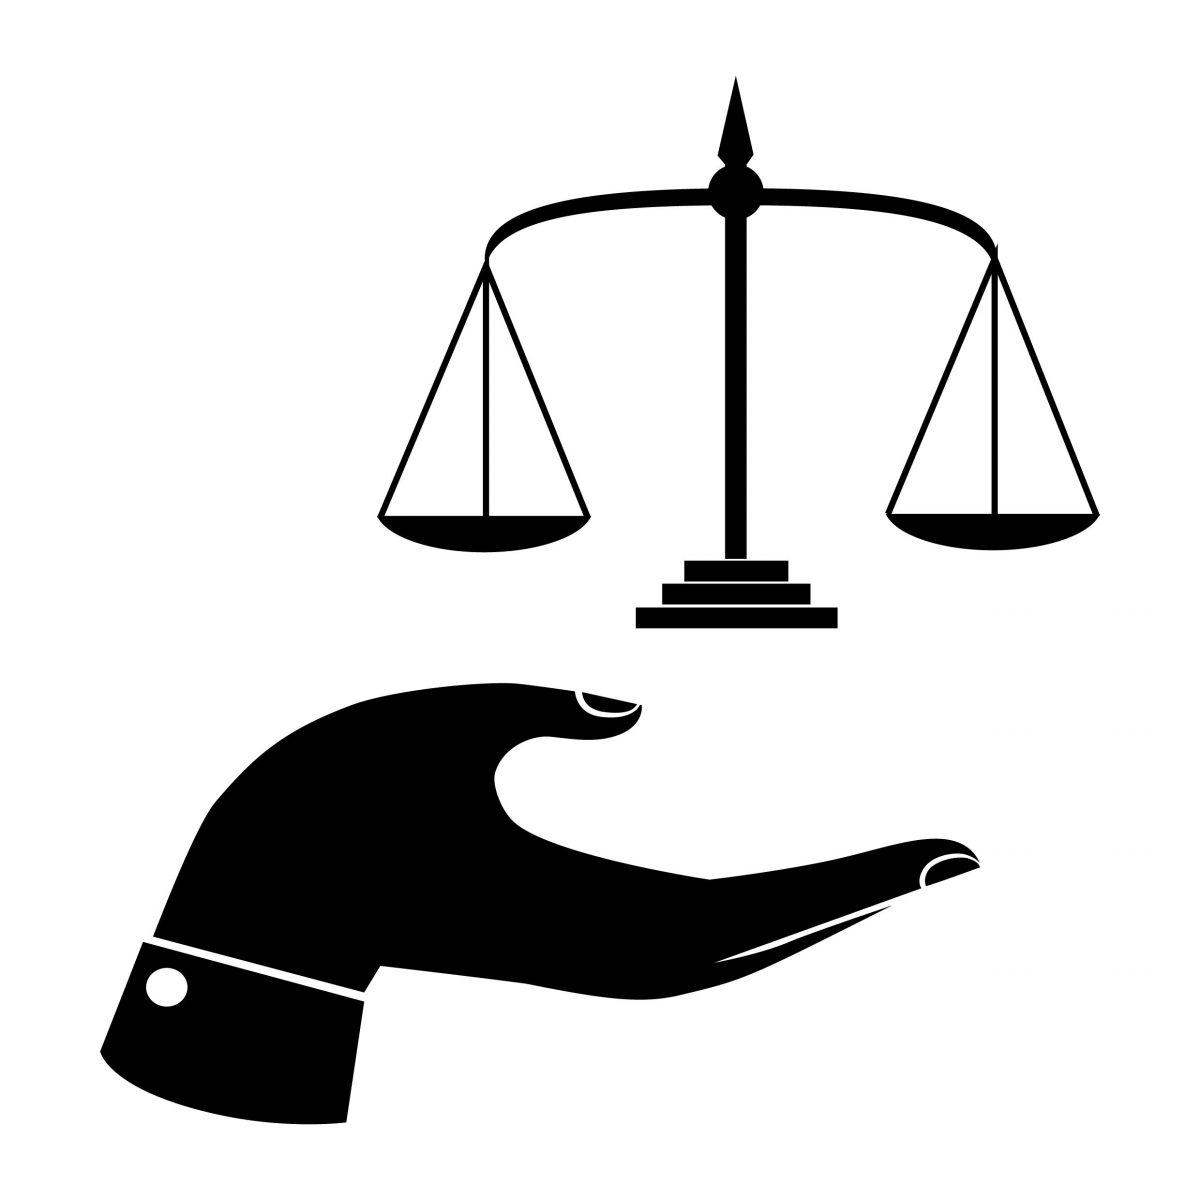 על תביעות ביטוח לאומי ועדכונים בזכויותיכם מול ביטוח לאומי